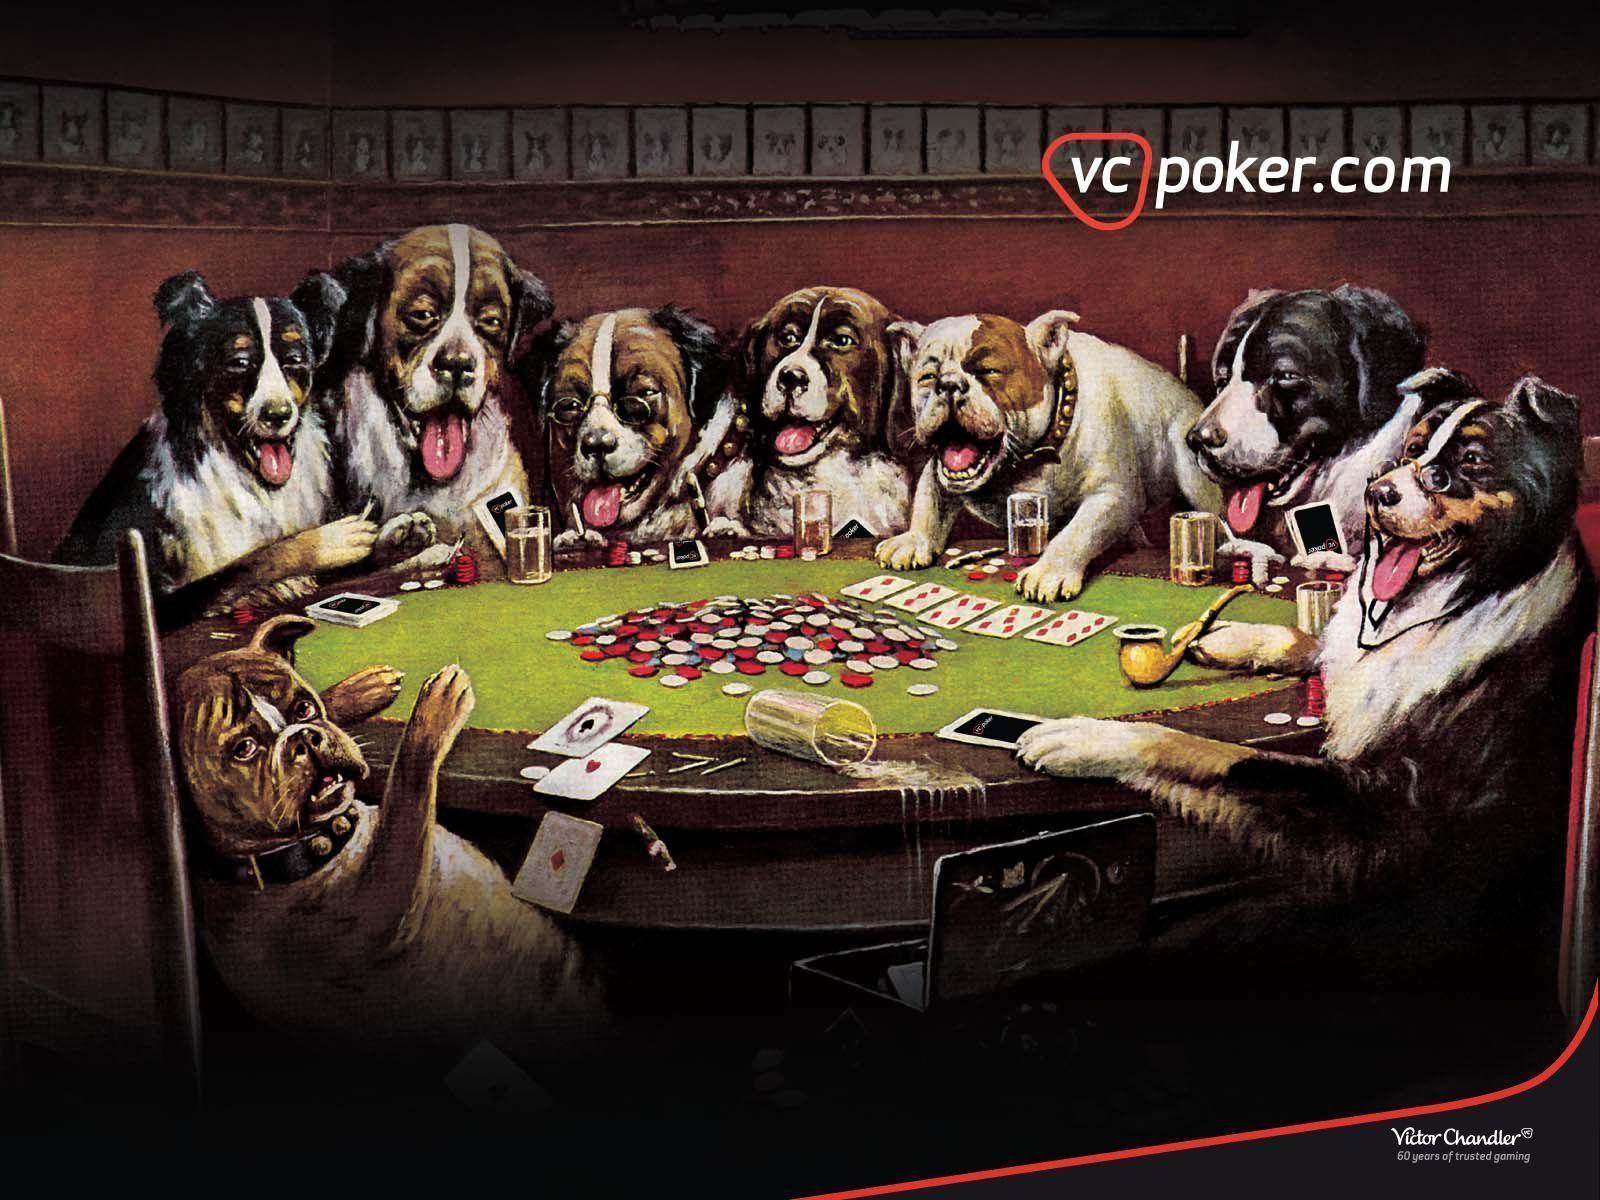 Image result for poker money wallpaper